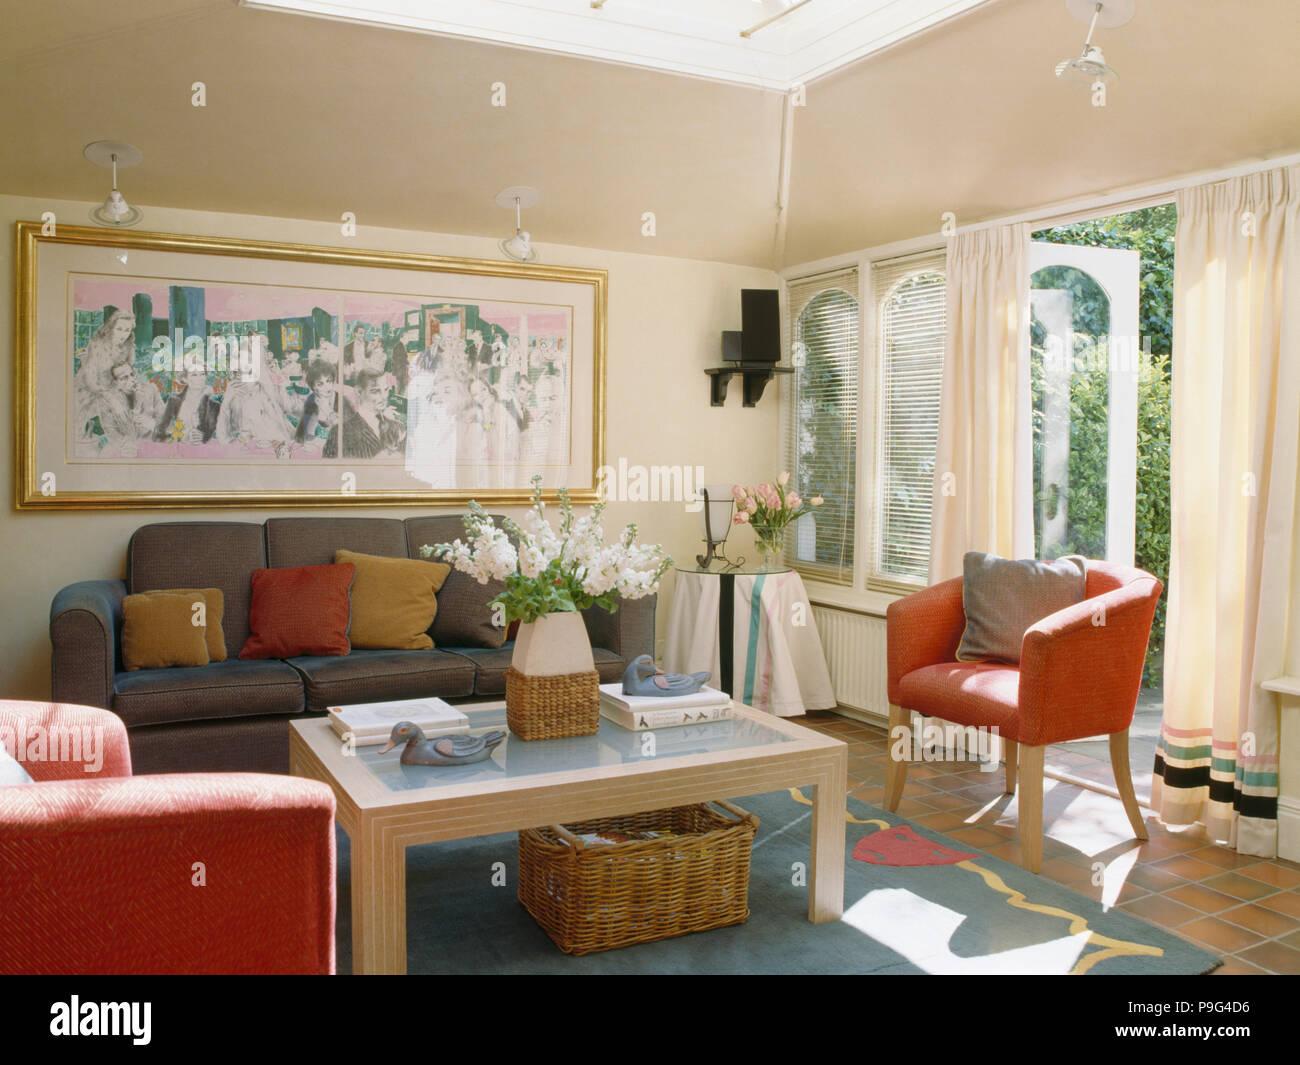 Rote Sessel und graue Sofa im Wohnzimmer Erweiterung Stockfoto, Bild ...